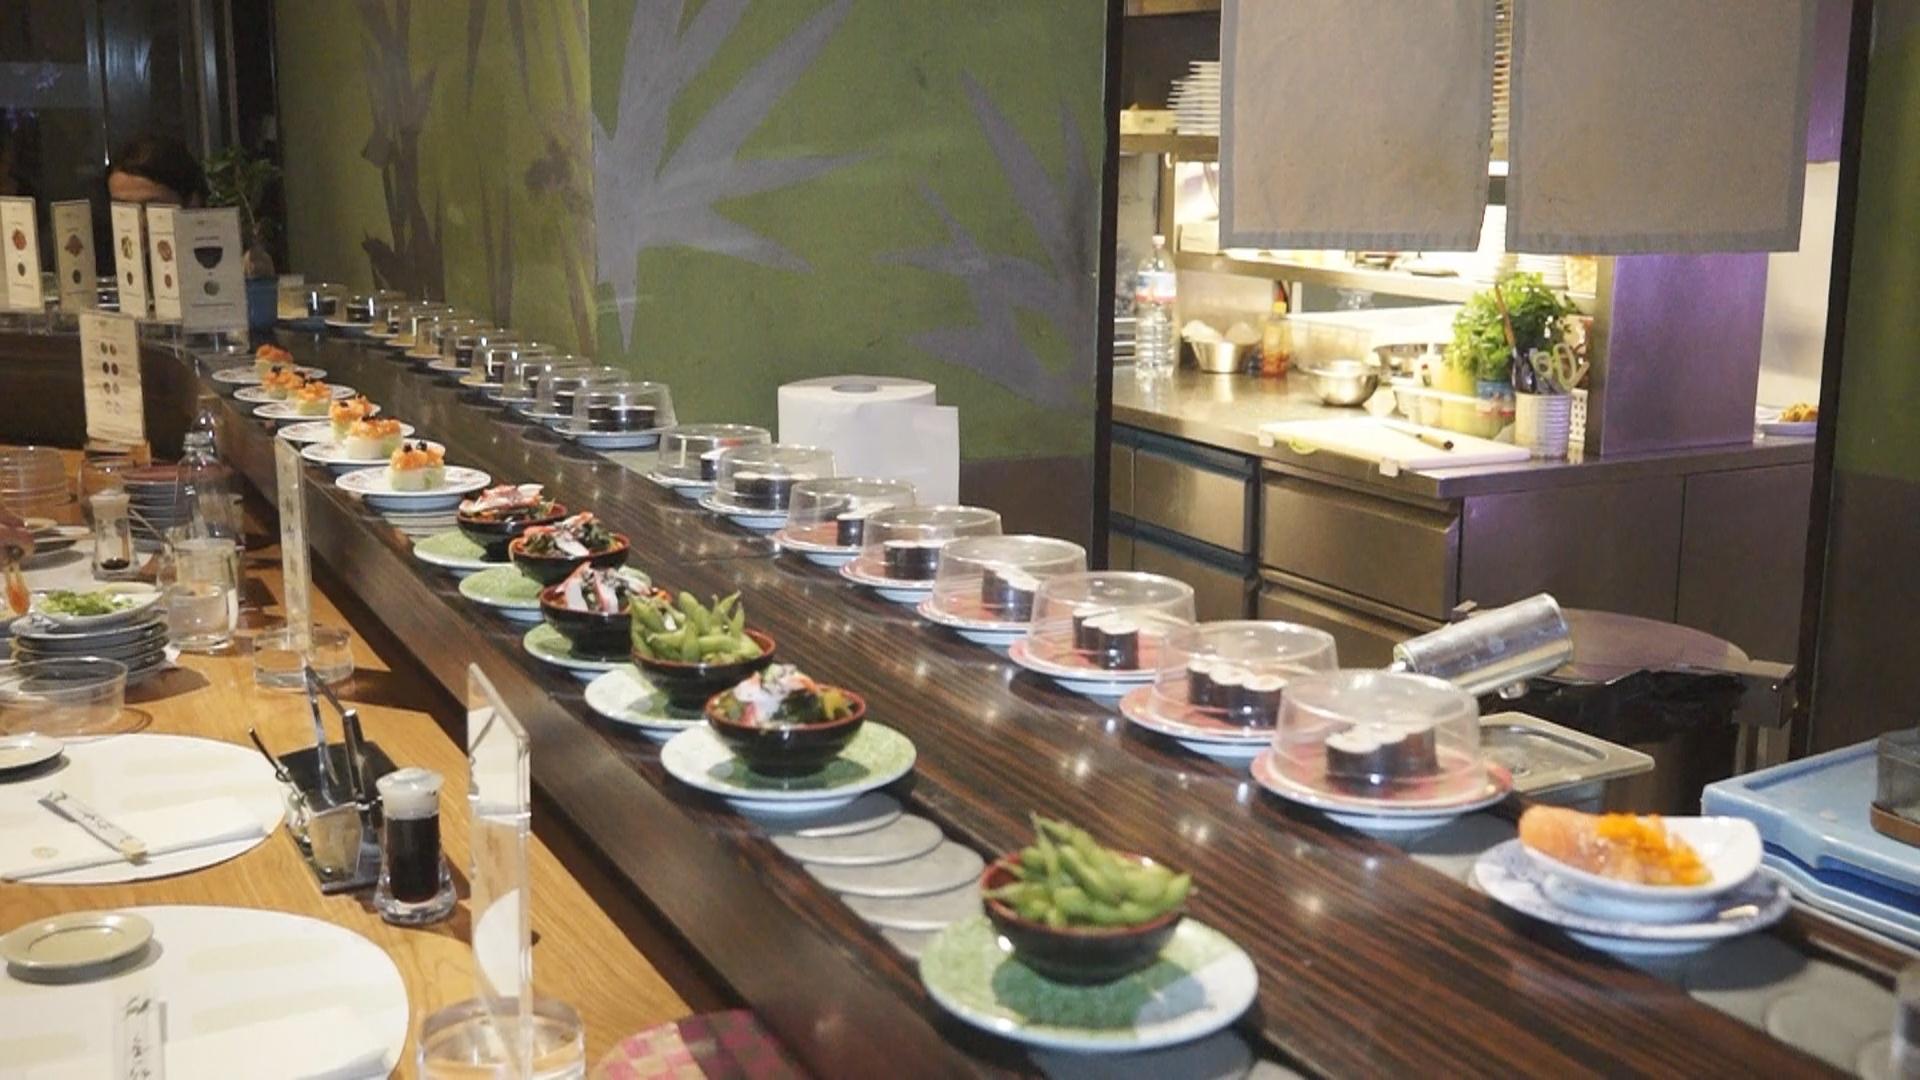 kome ristorante giapponese nel centro storico di firenze